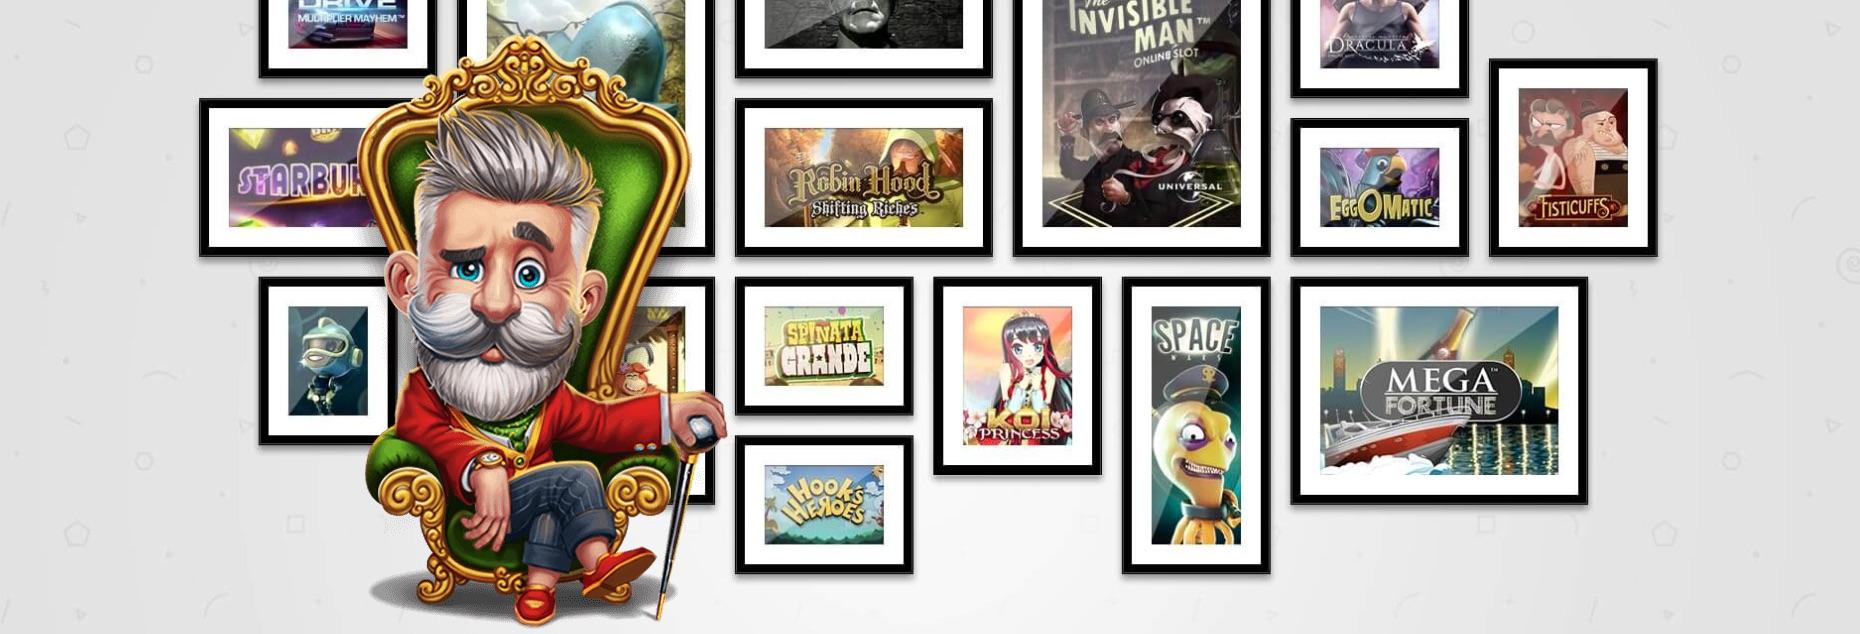 Lucky Louis udvalg af spilleautomater